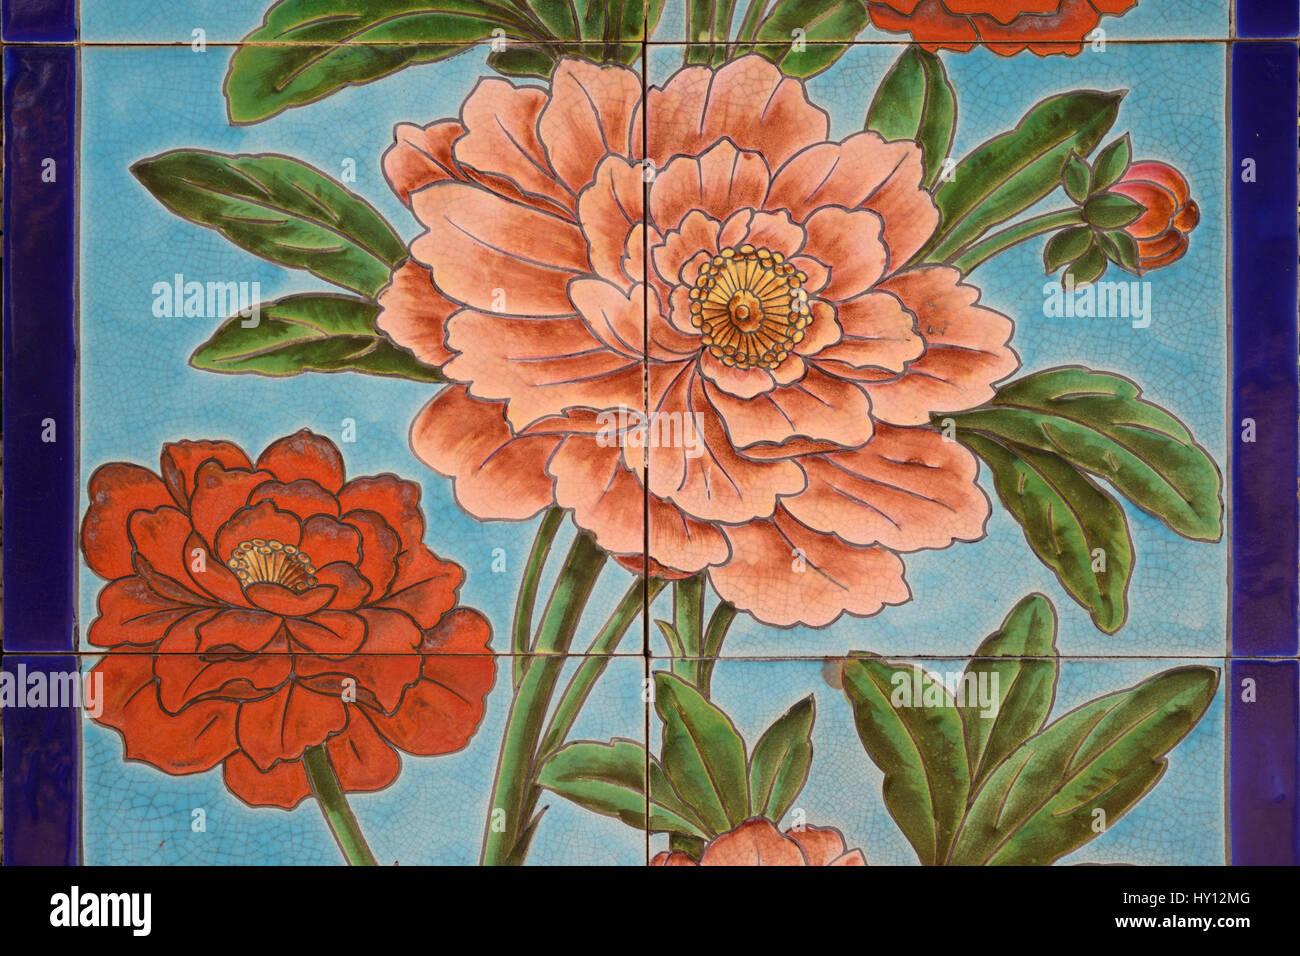 Storico muro floreali piastrelle con fiori di garofano da un